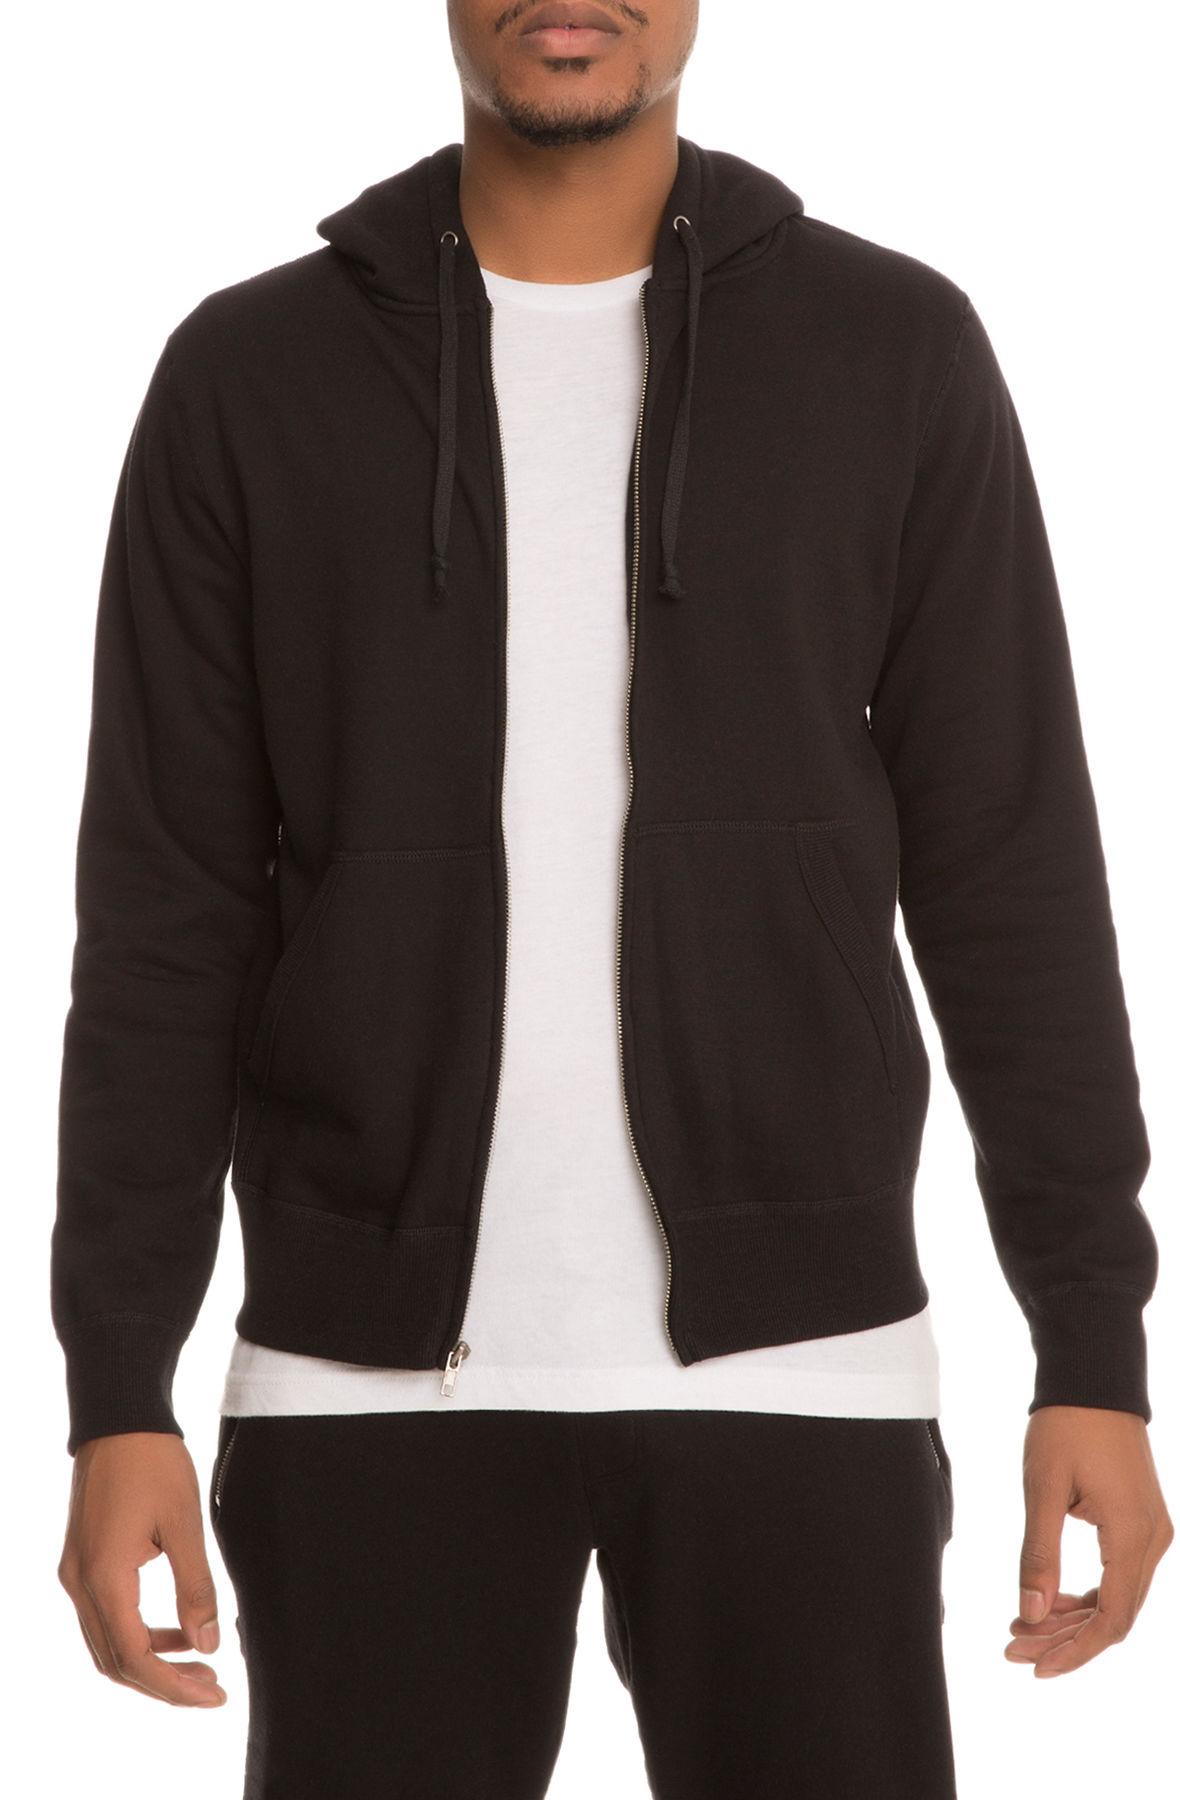 The EN x Karmaloop In A State Zip Up Hoodie in Black